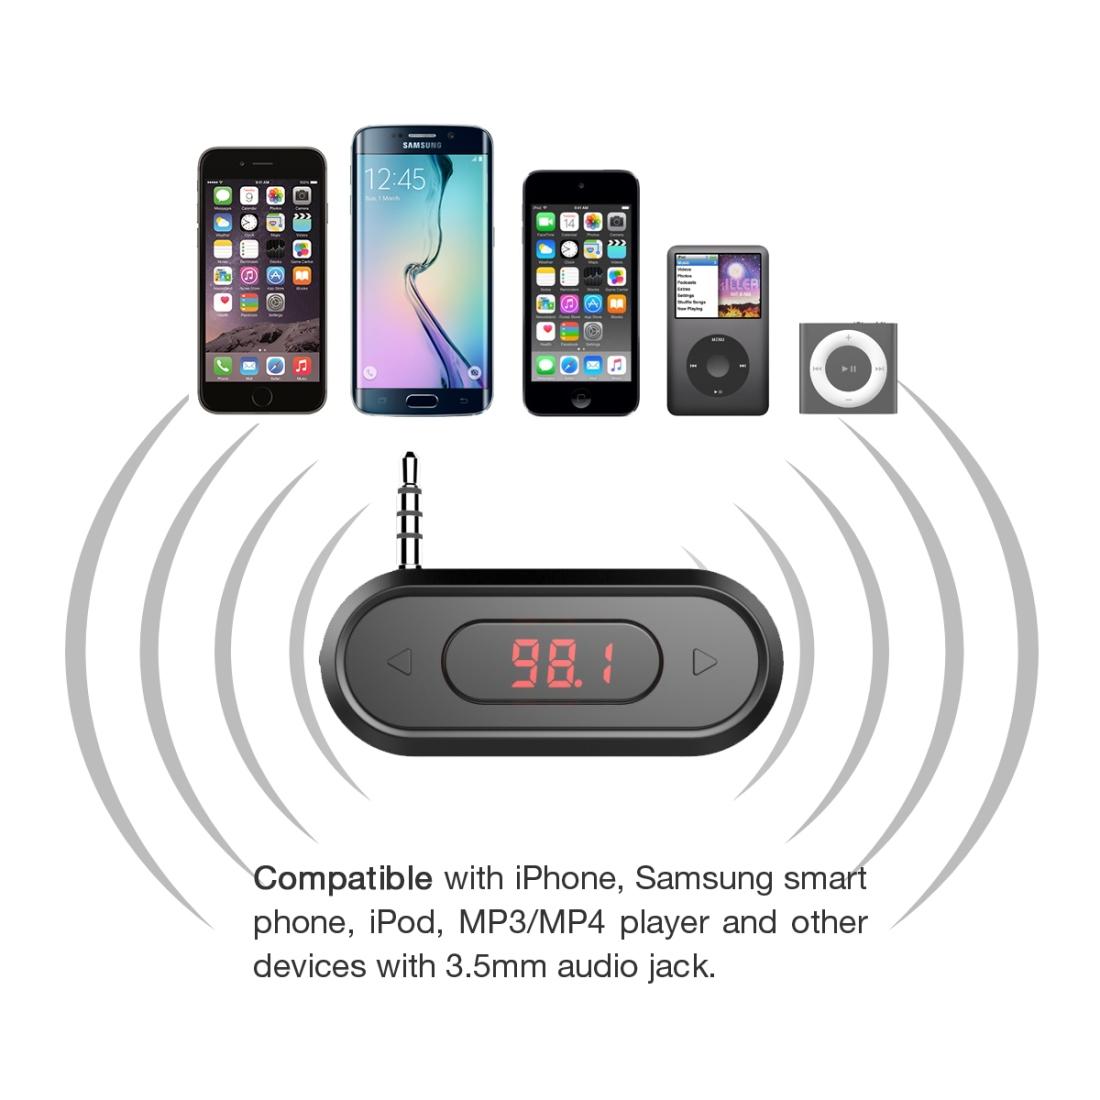 Мини портативный автомобильный беспроводной музыкальный FM-передатчик приемник MP3 MP4 аудио плеер для мобильных телефонов